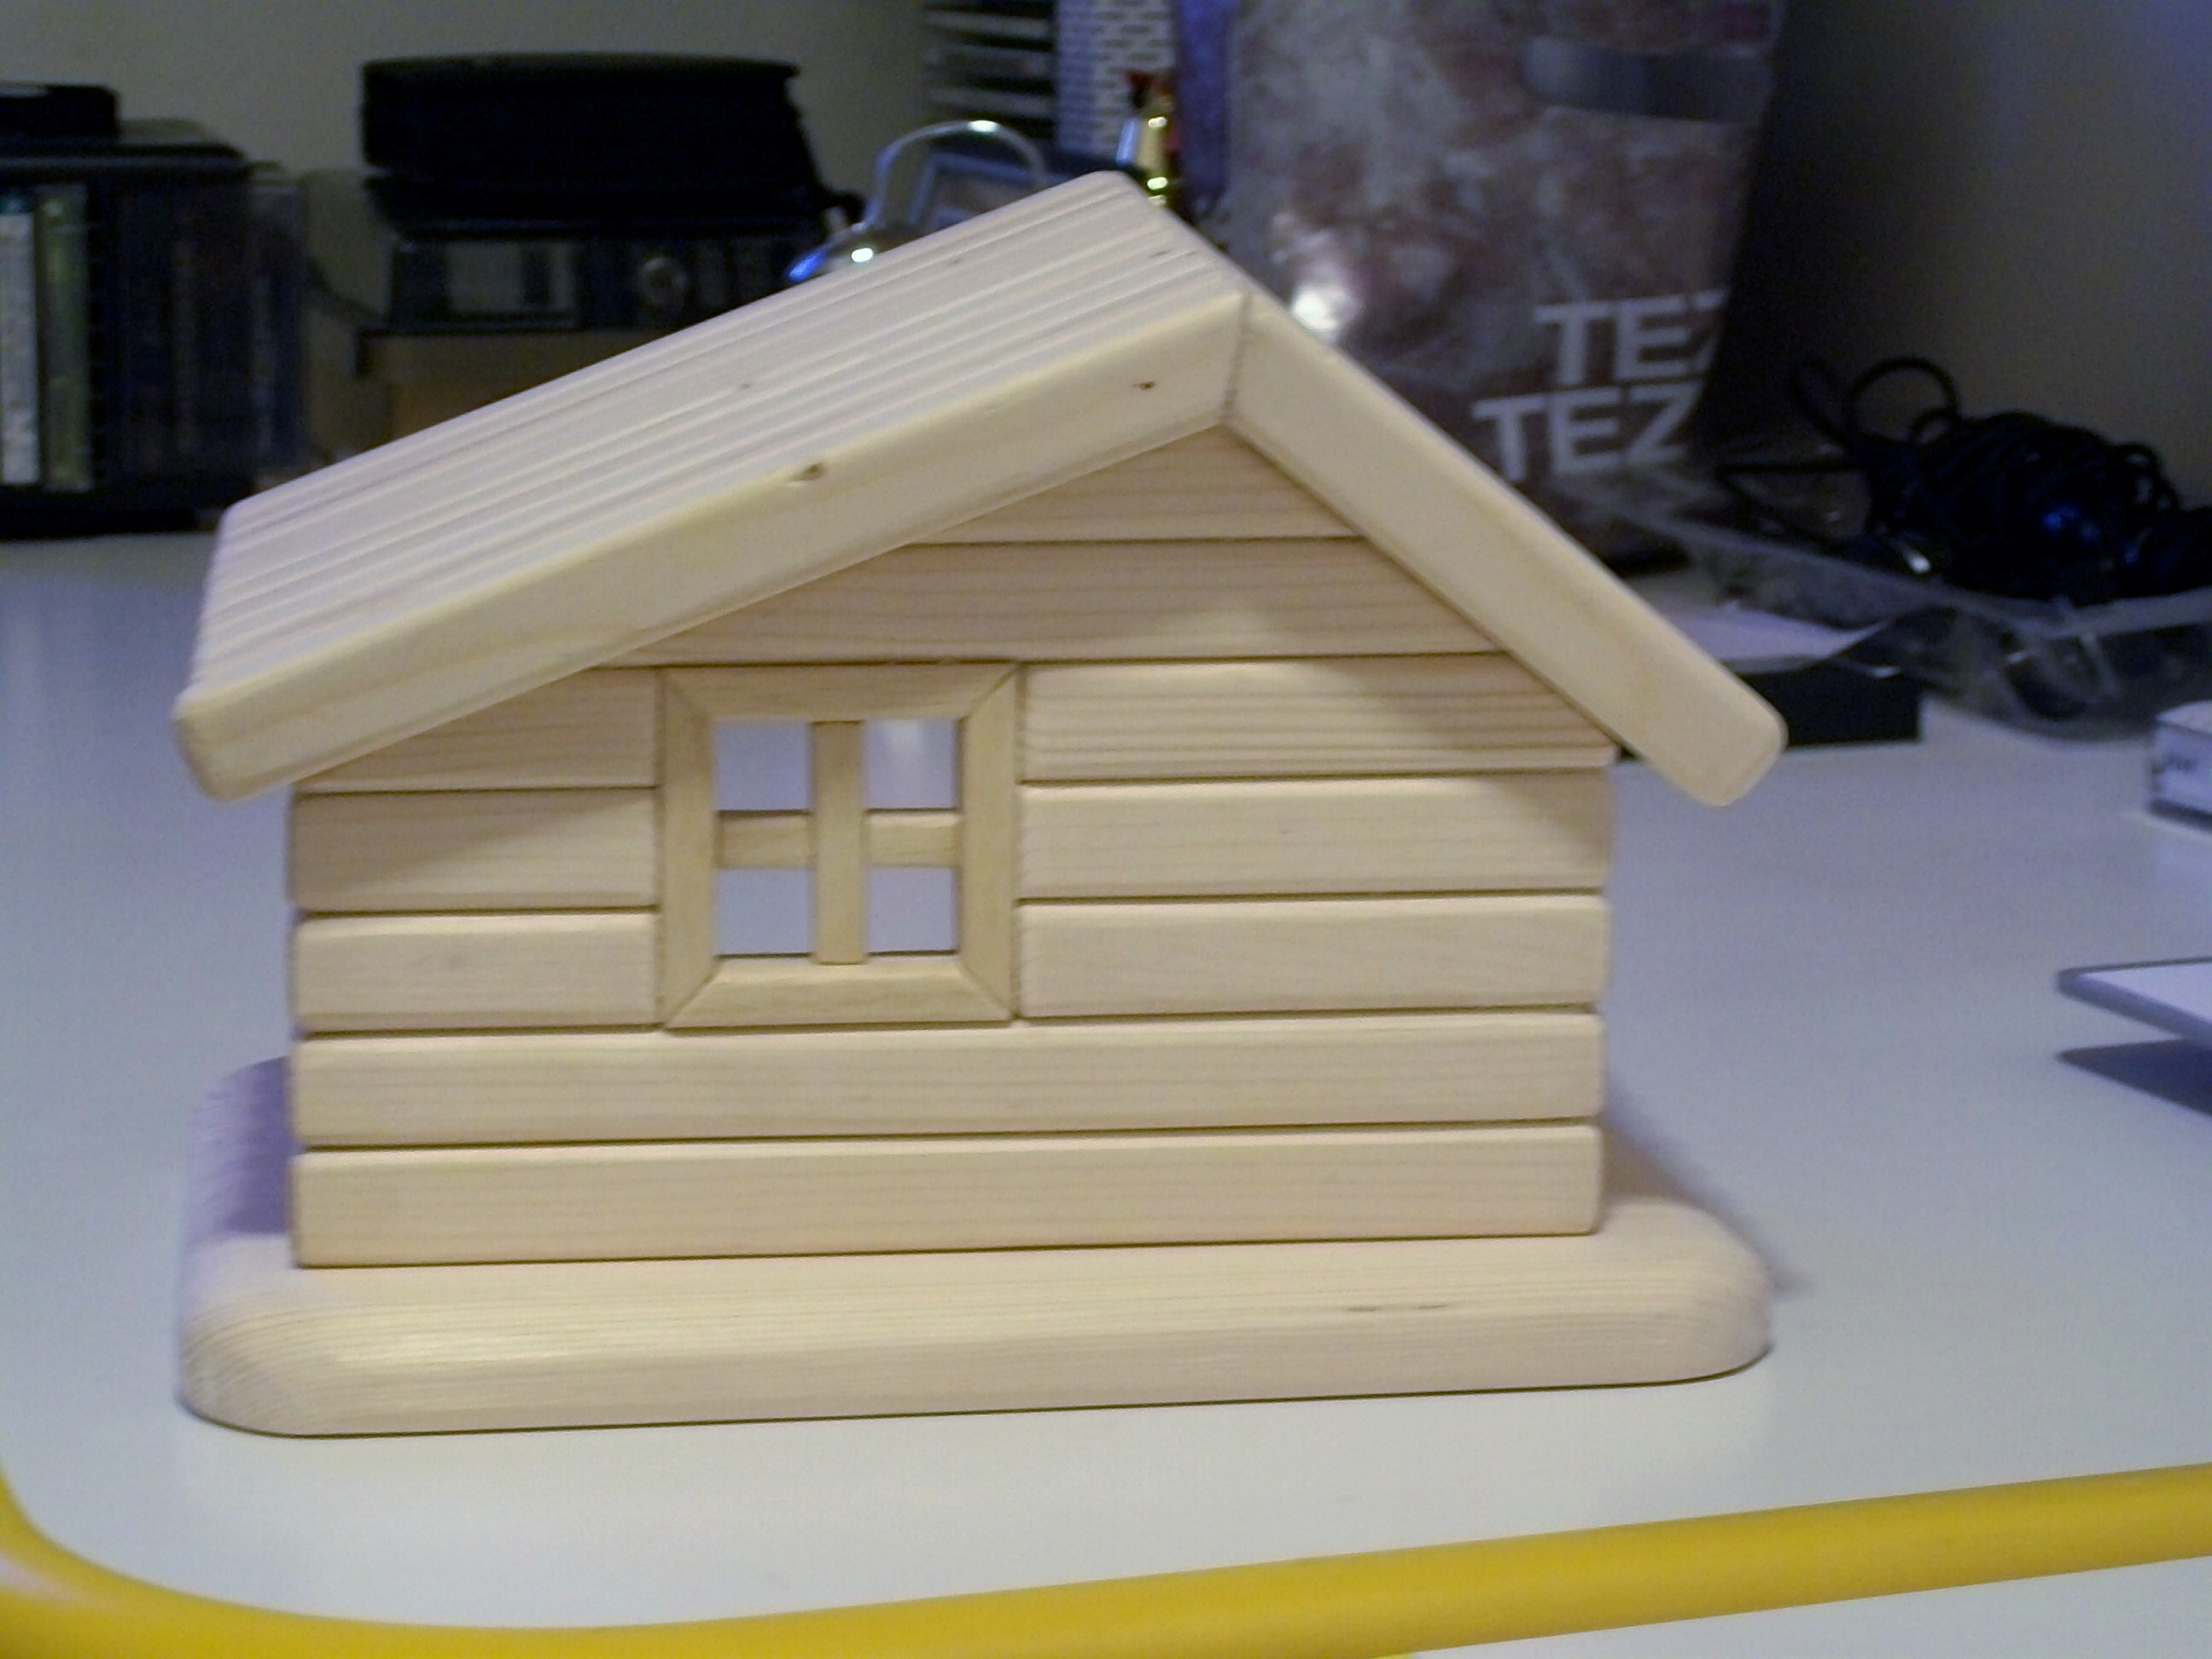 Oggetti in legno fai da te by silvano capanna tipo - Oggetti fai da te ...